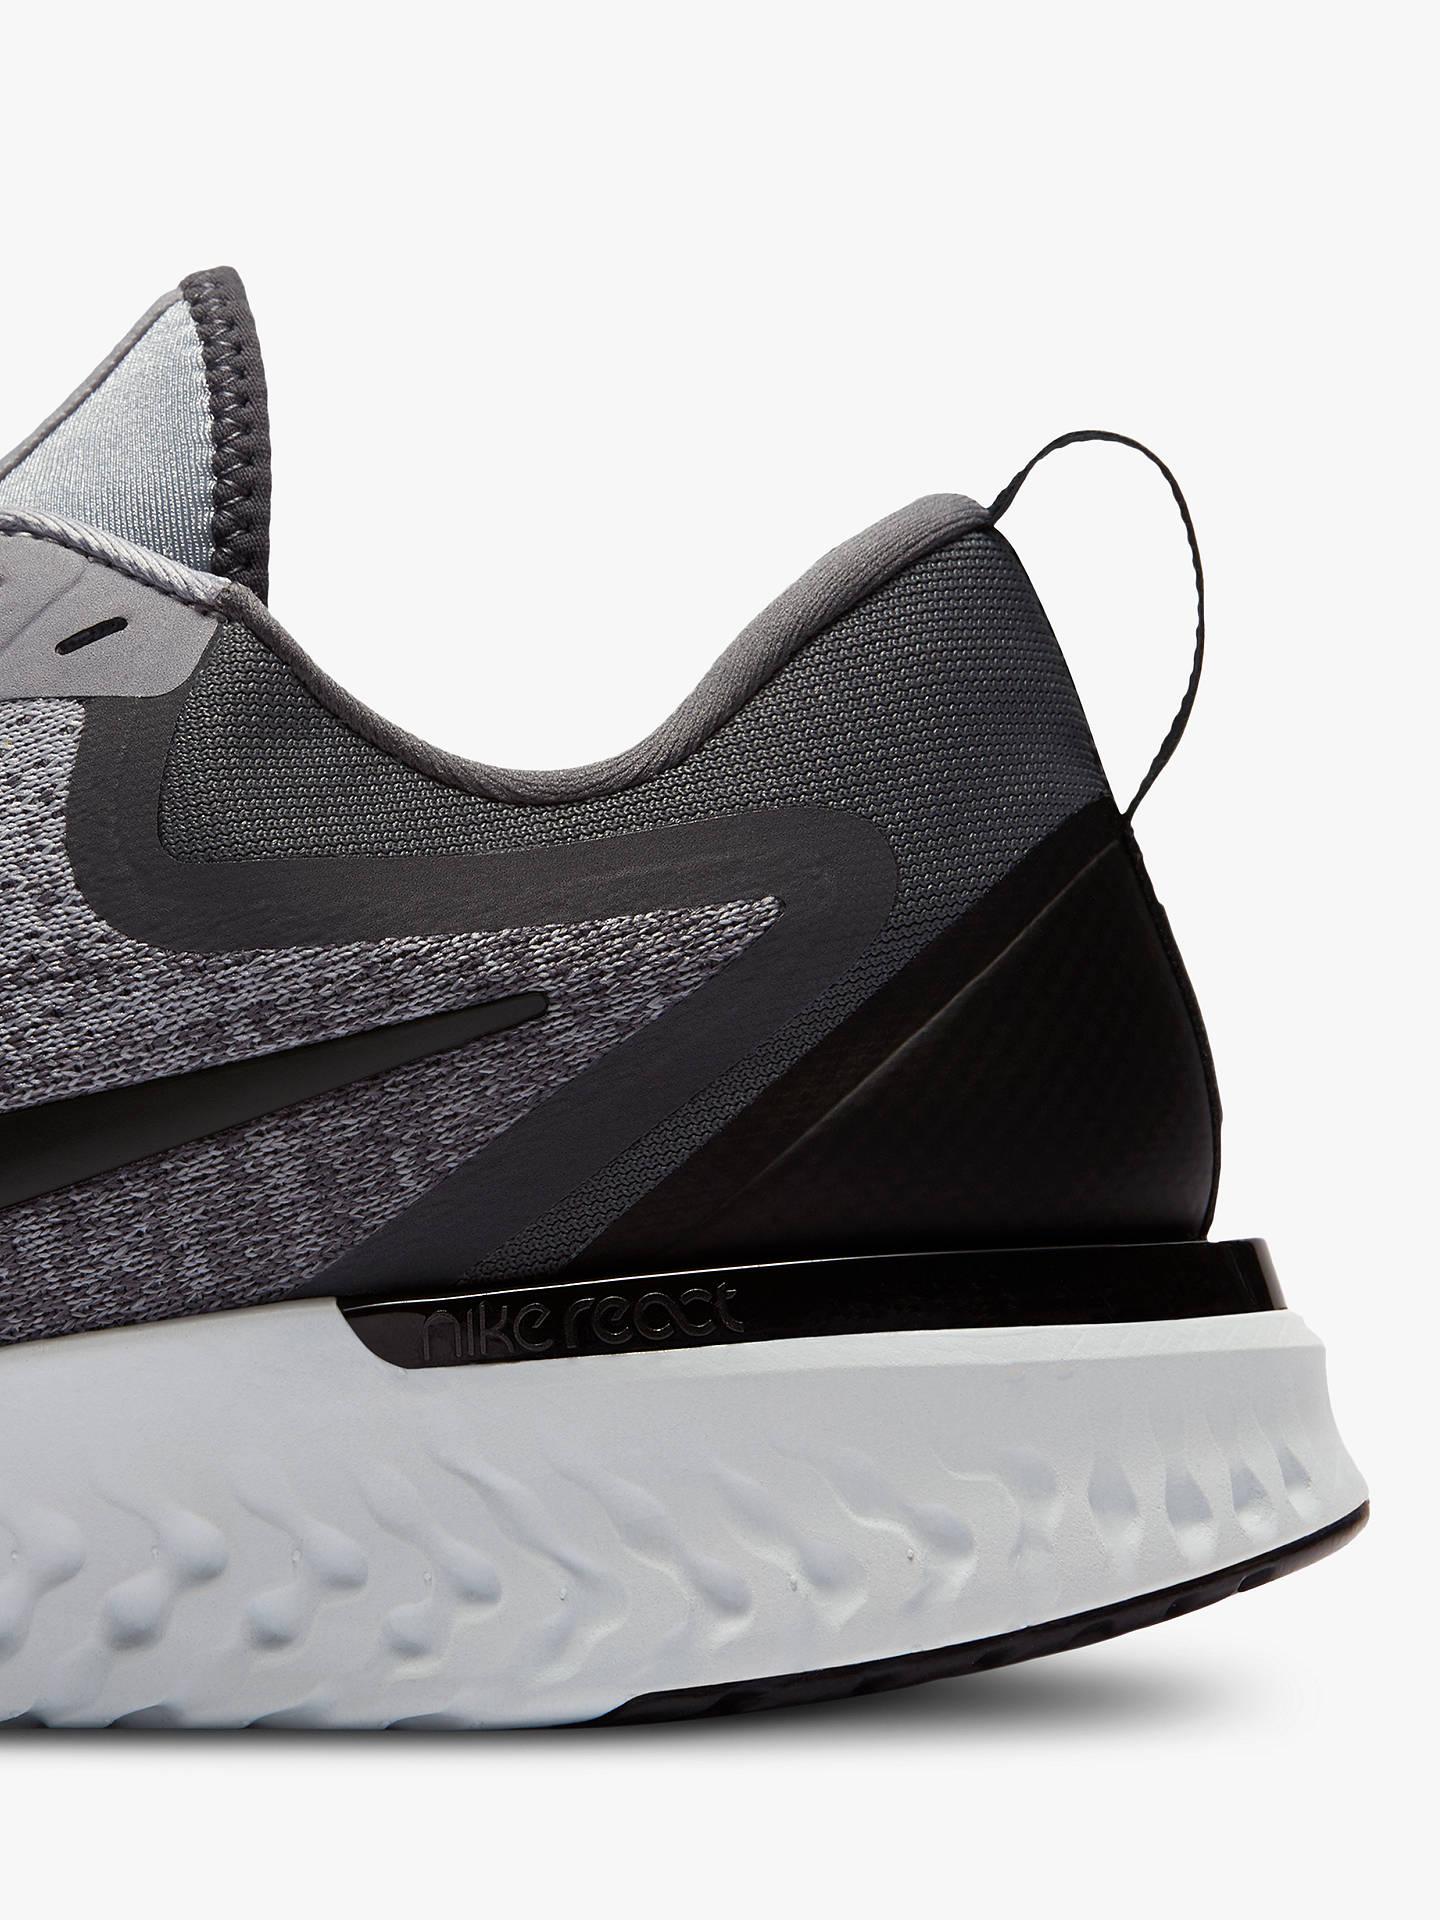 61b154f71dfd Nike Odyssey React Men s Running Shoe at John Lewis   Partners